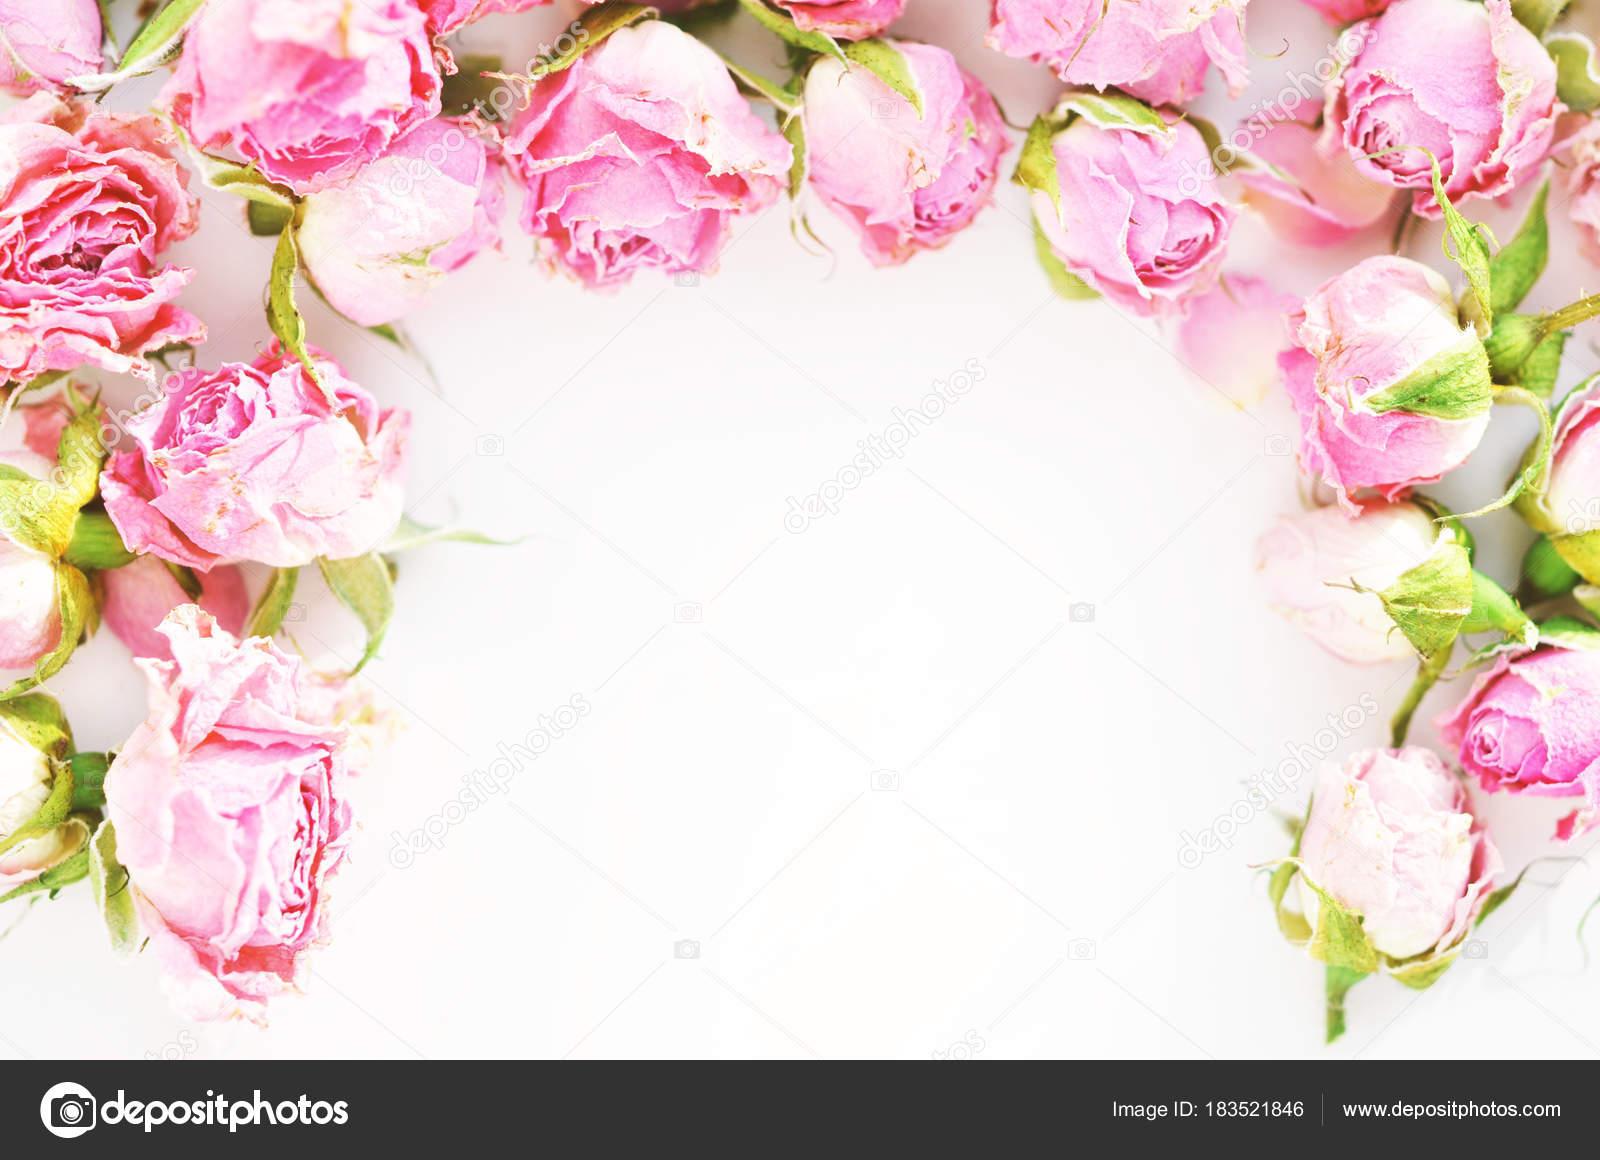 Flores Lilas Con Rosas Sobre Fondo: Composición Flores Marco Flores